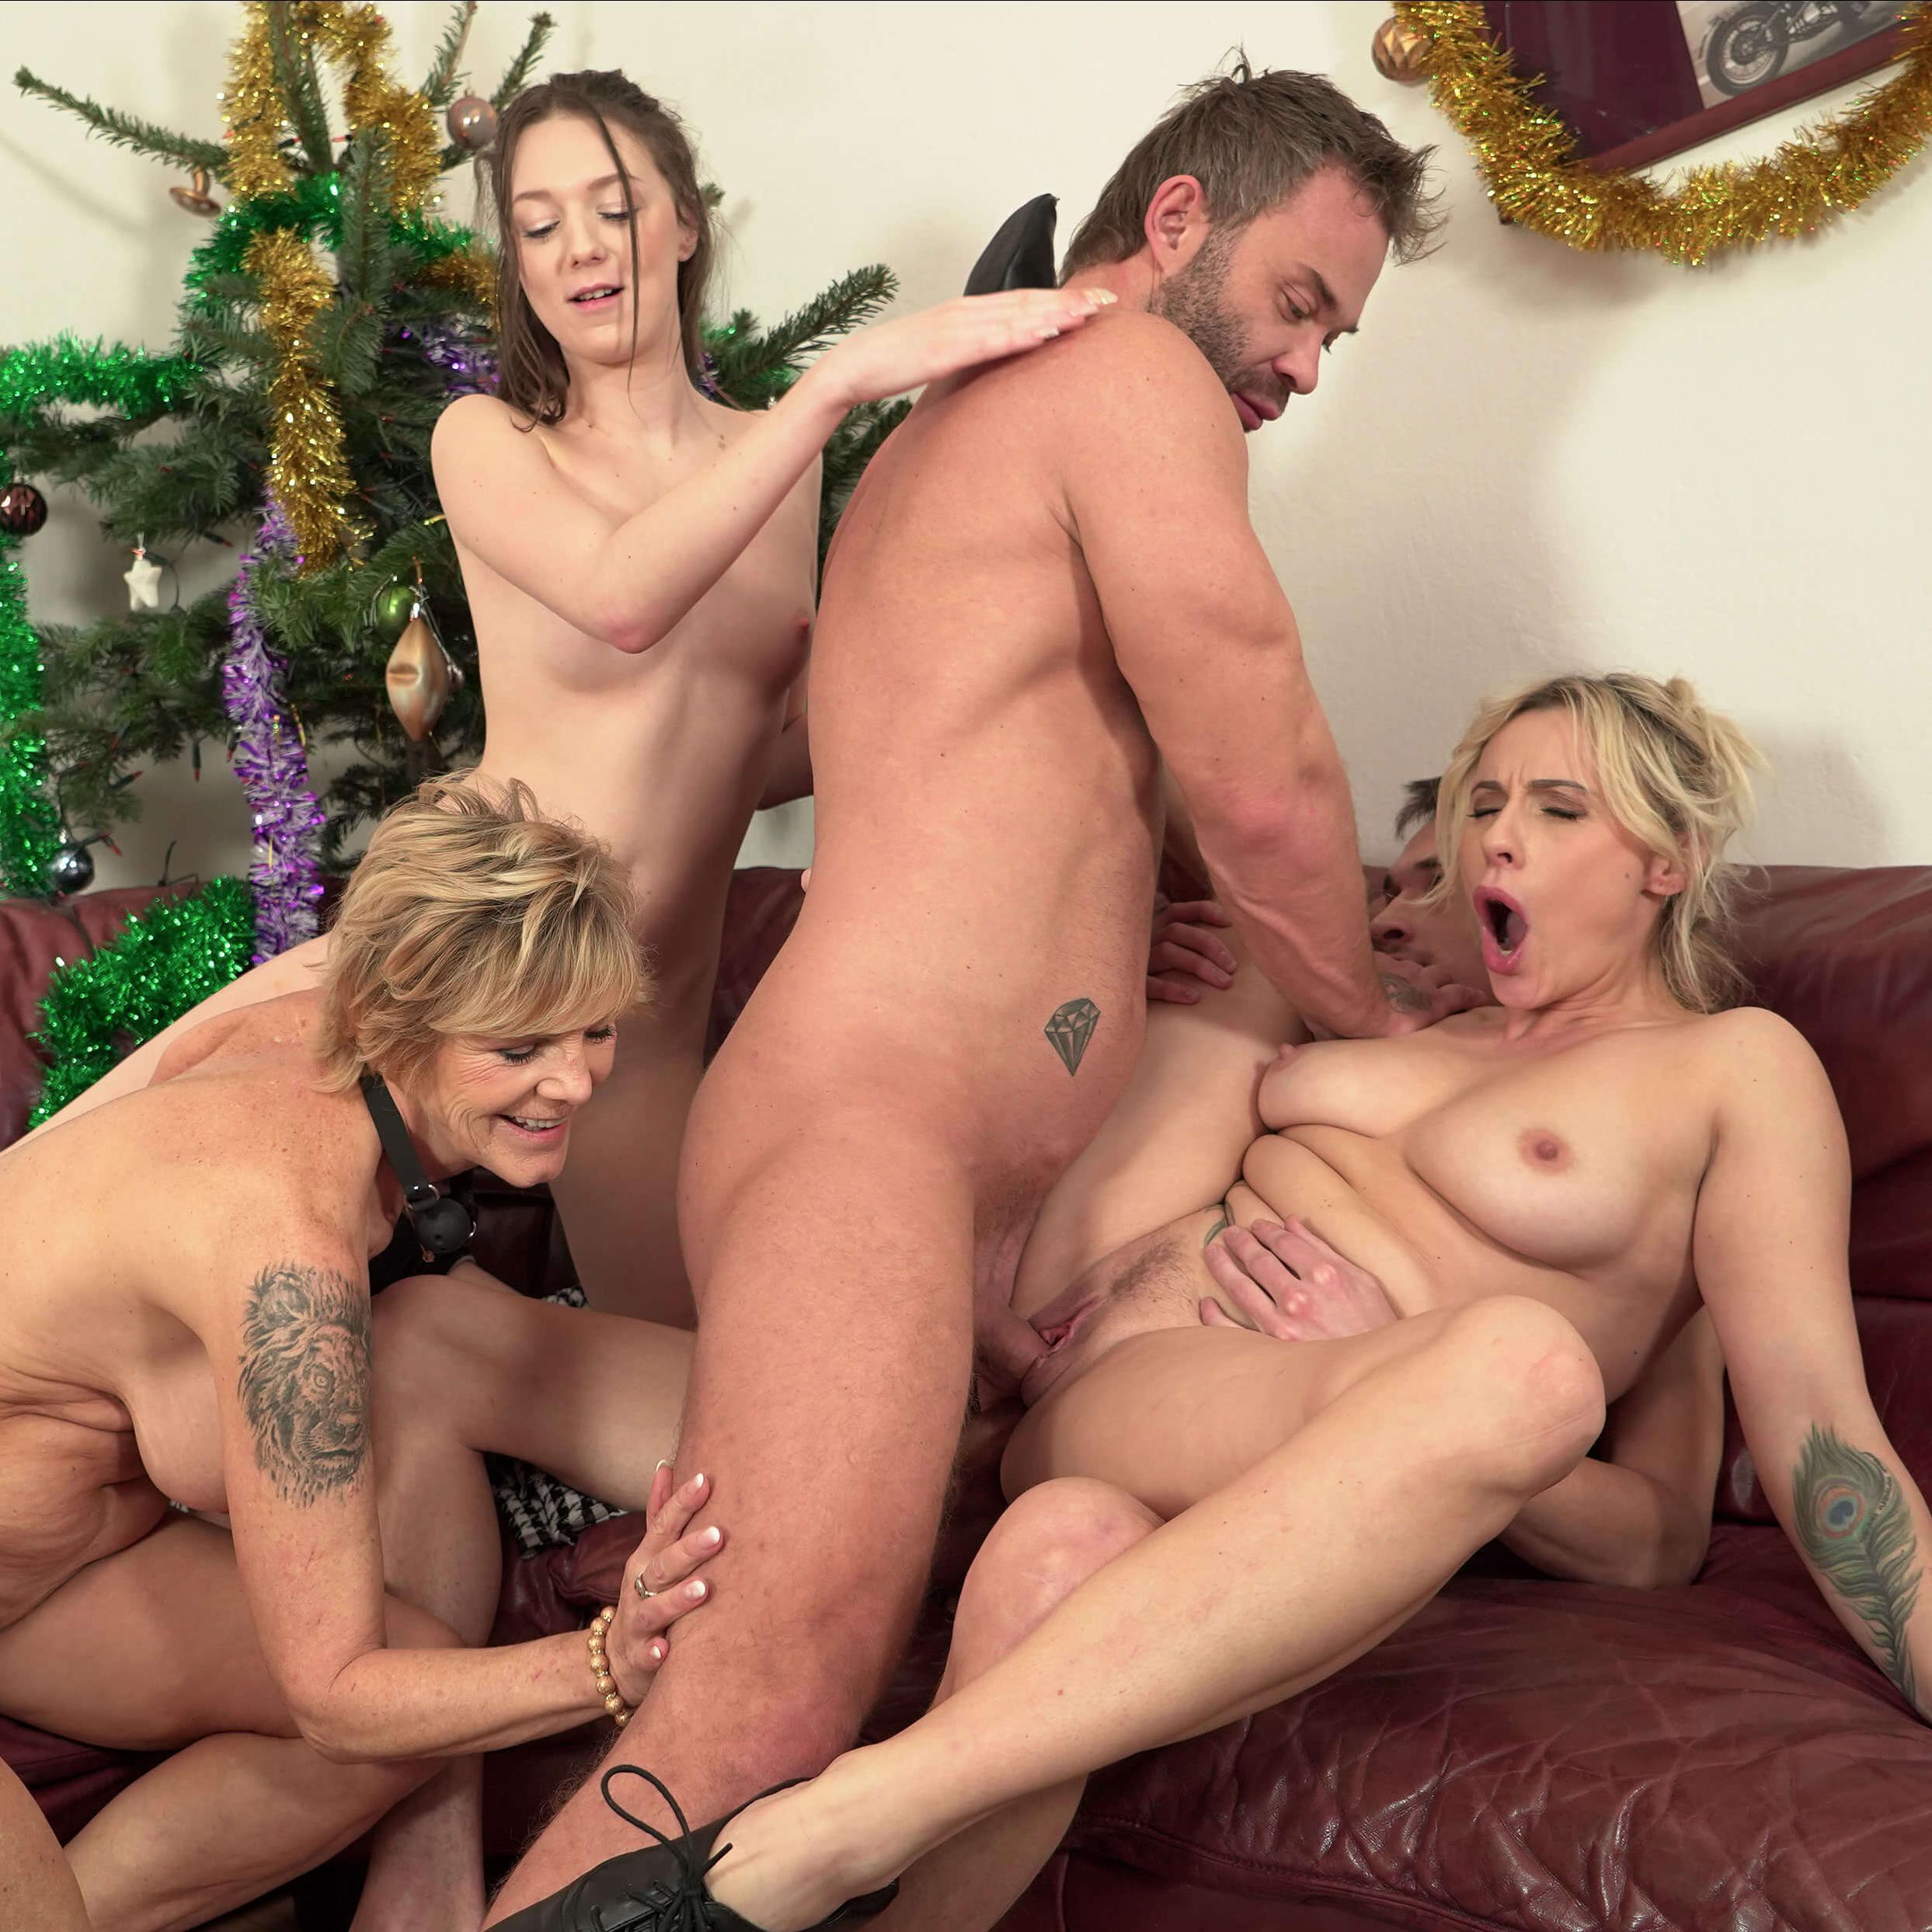 Pics orgy porn Orgy Porn